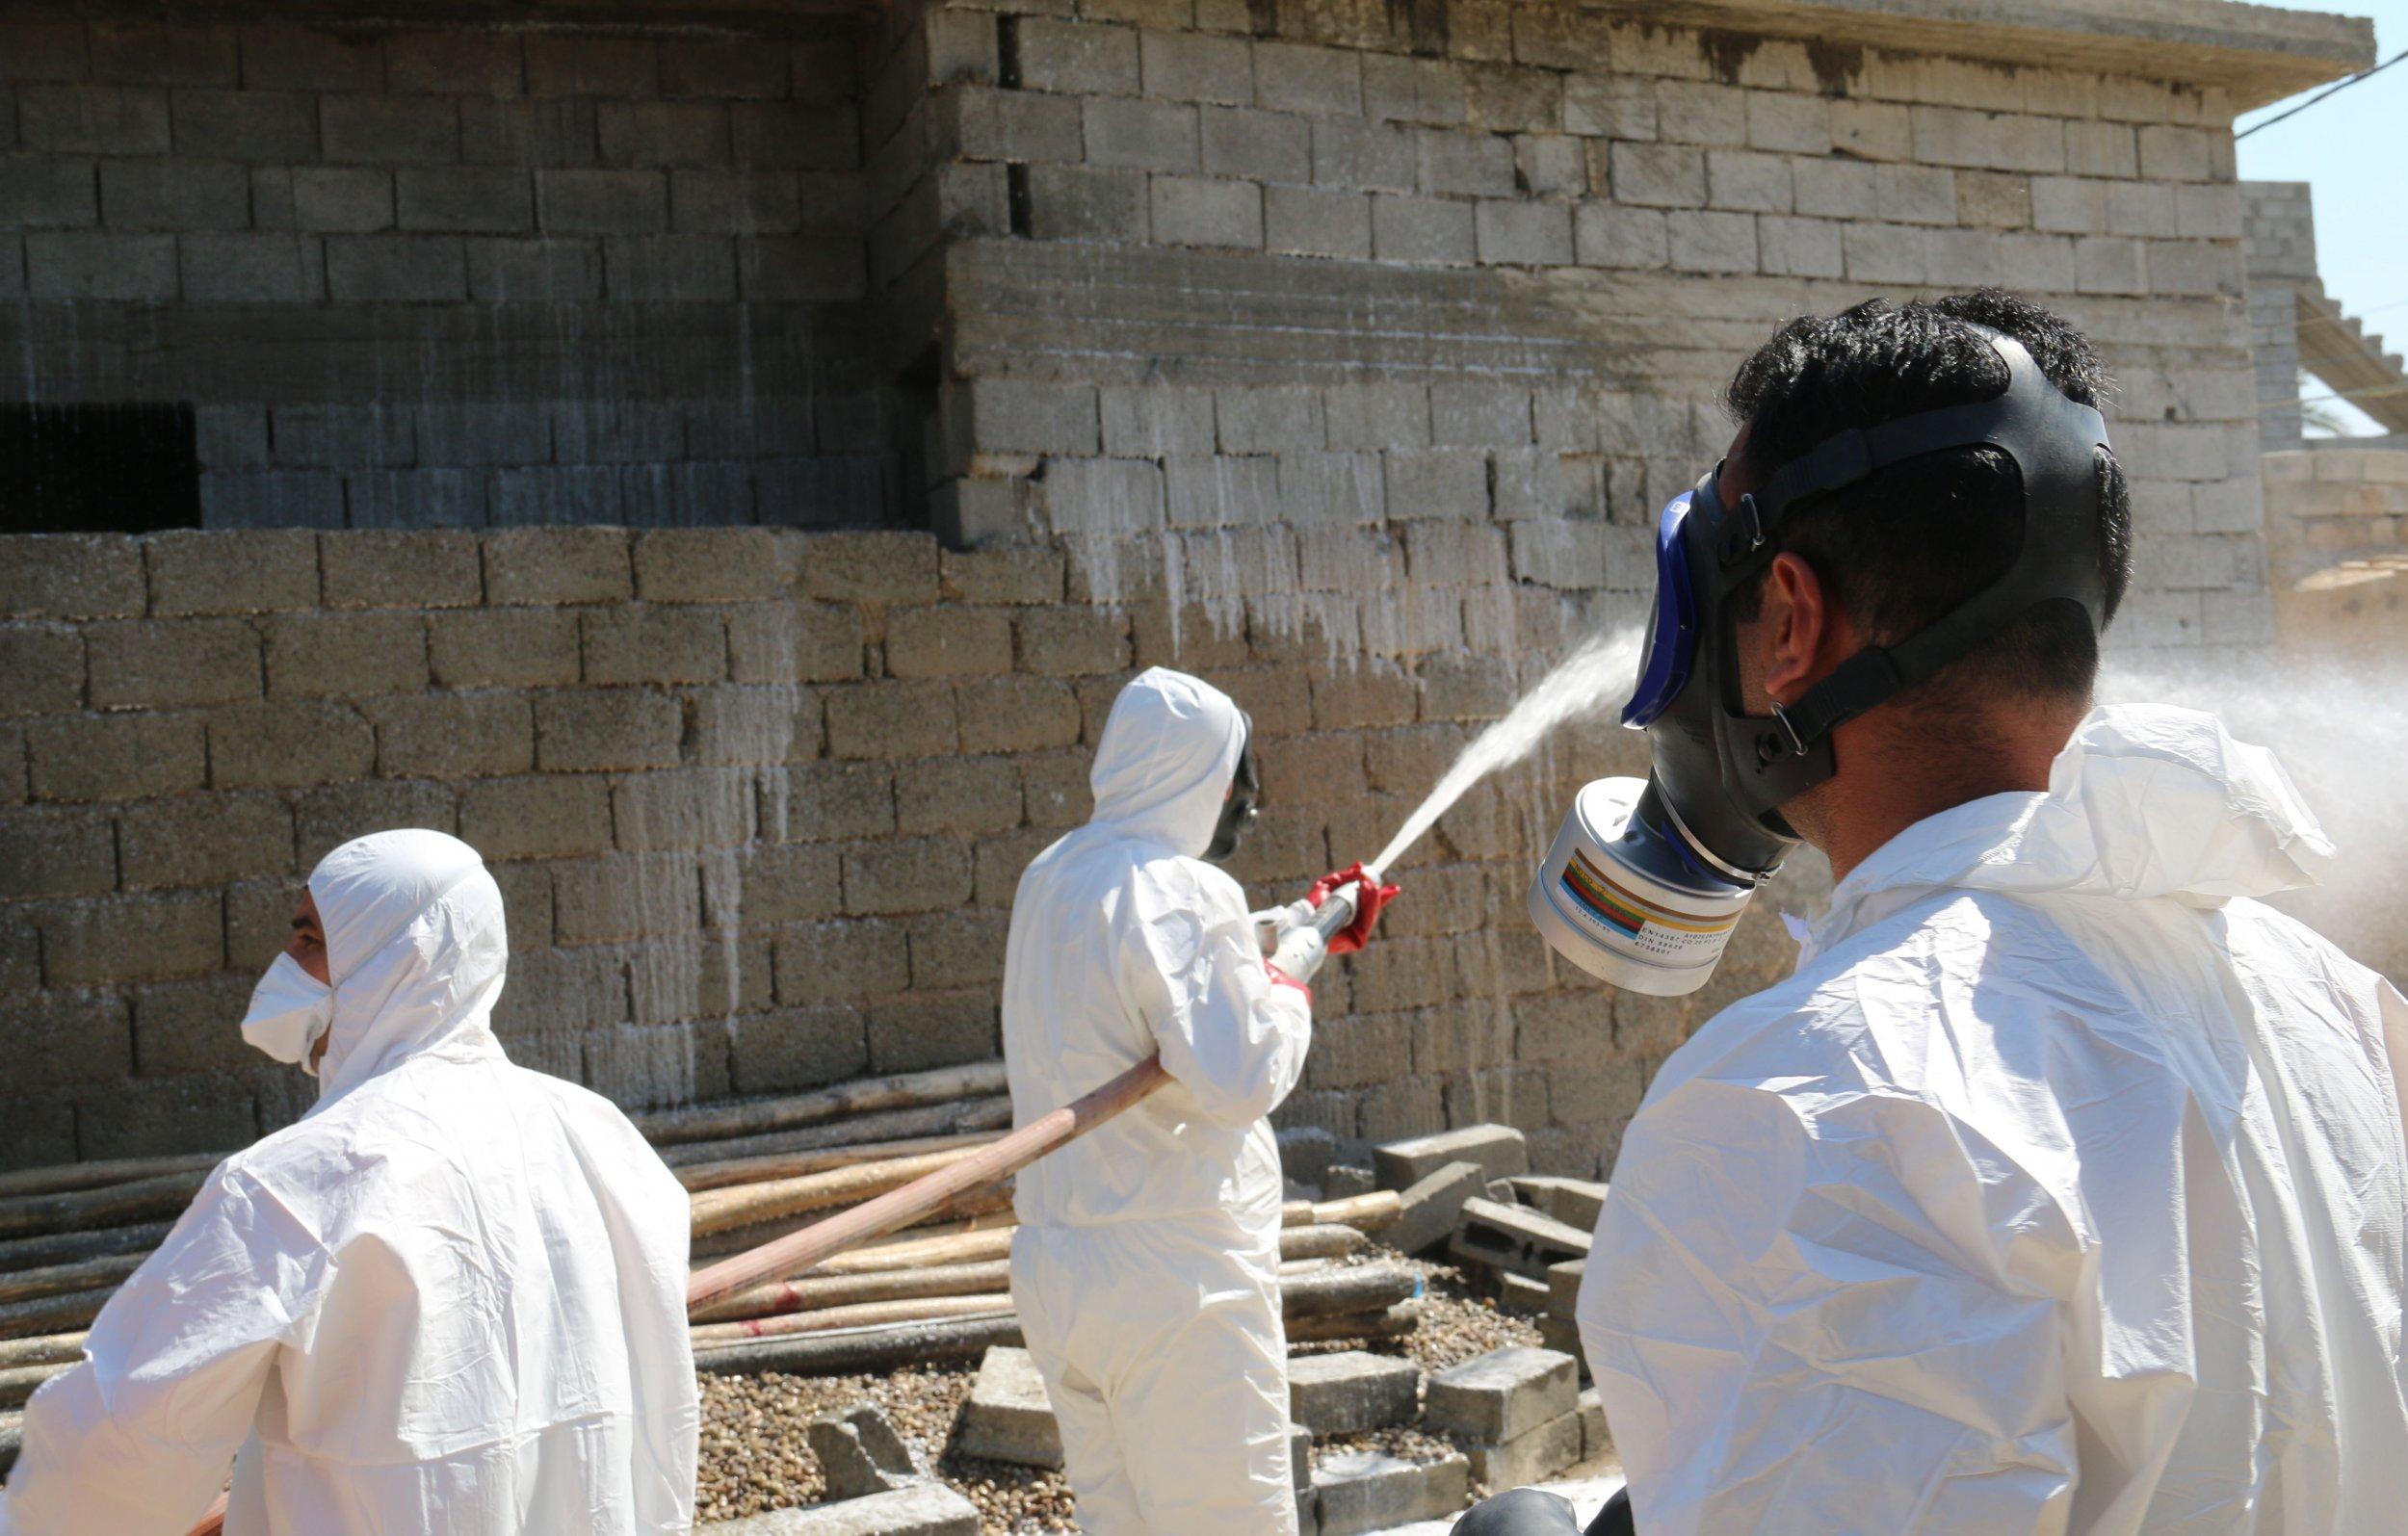 Iraqi civil defence spray areas